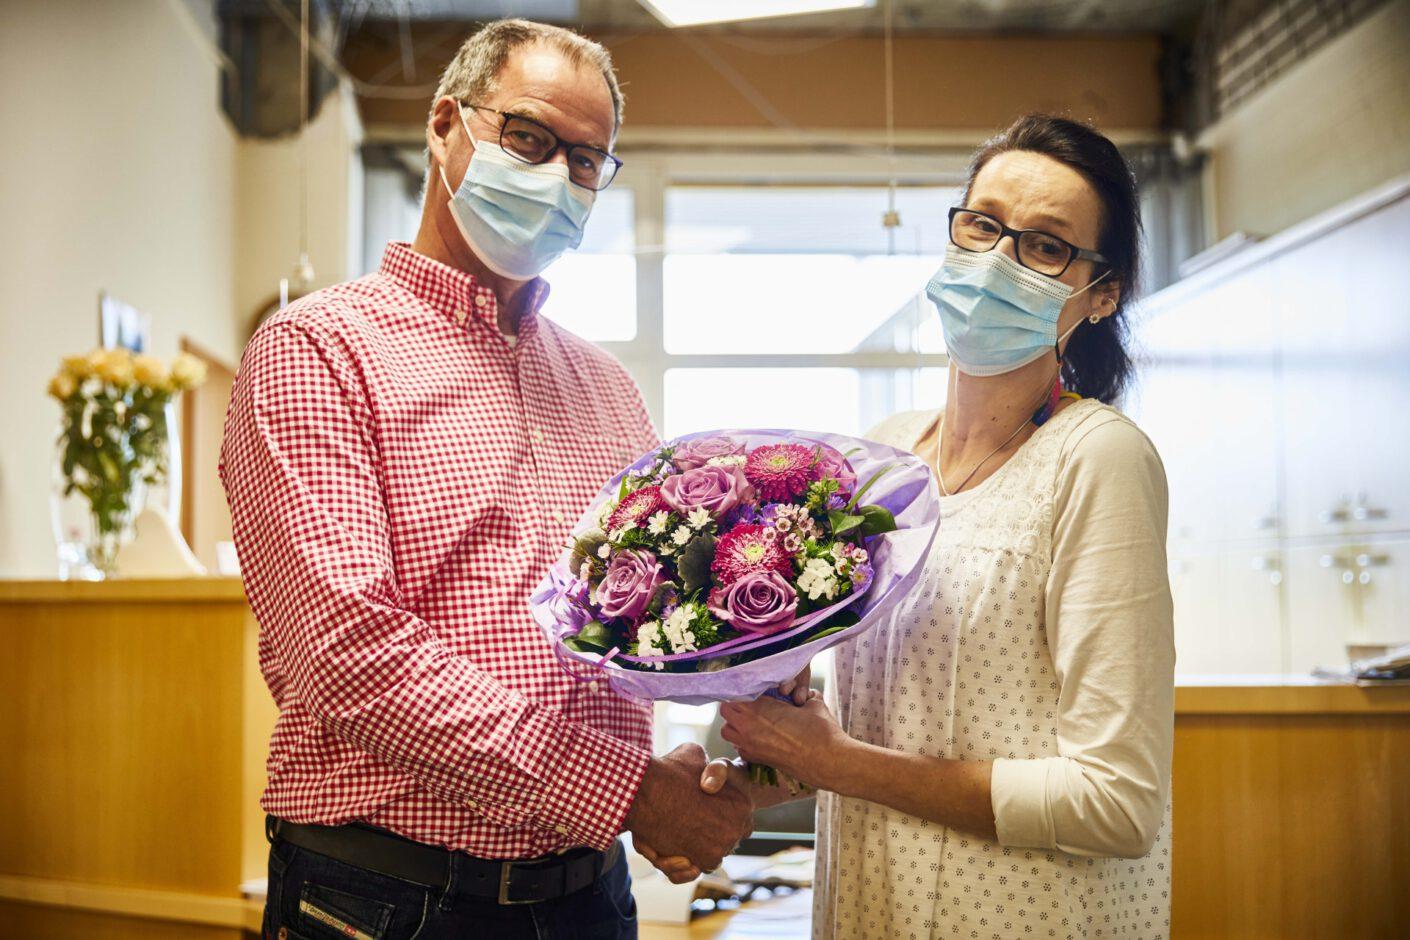 Foto: Einrichtungsleiter vom Haus Simeon gratuliert Mitarbeiterin mit Blumenstrauß